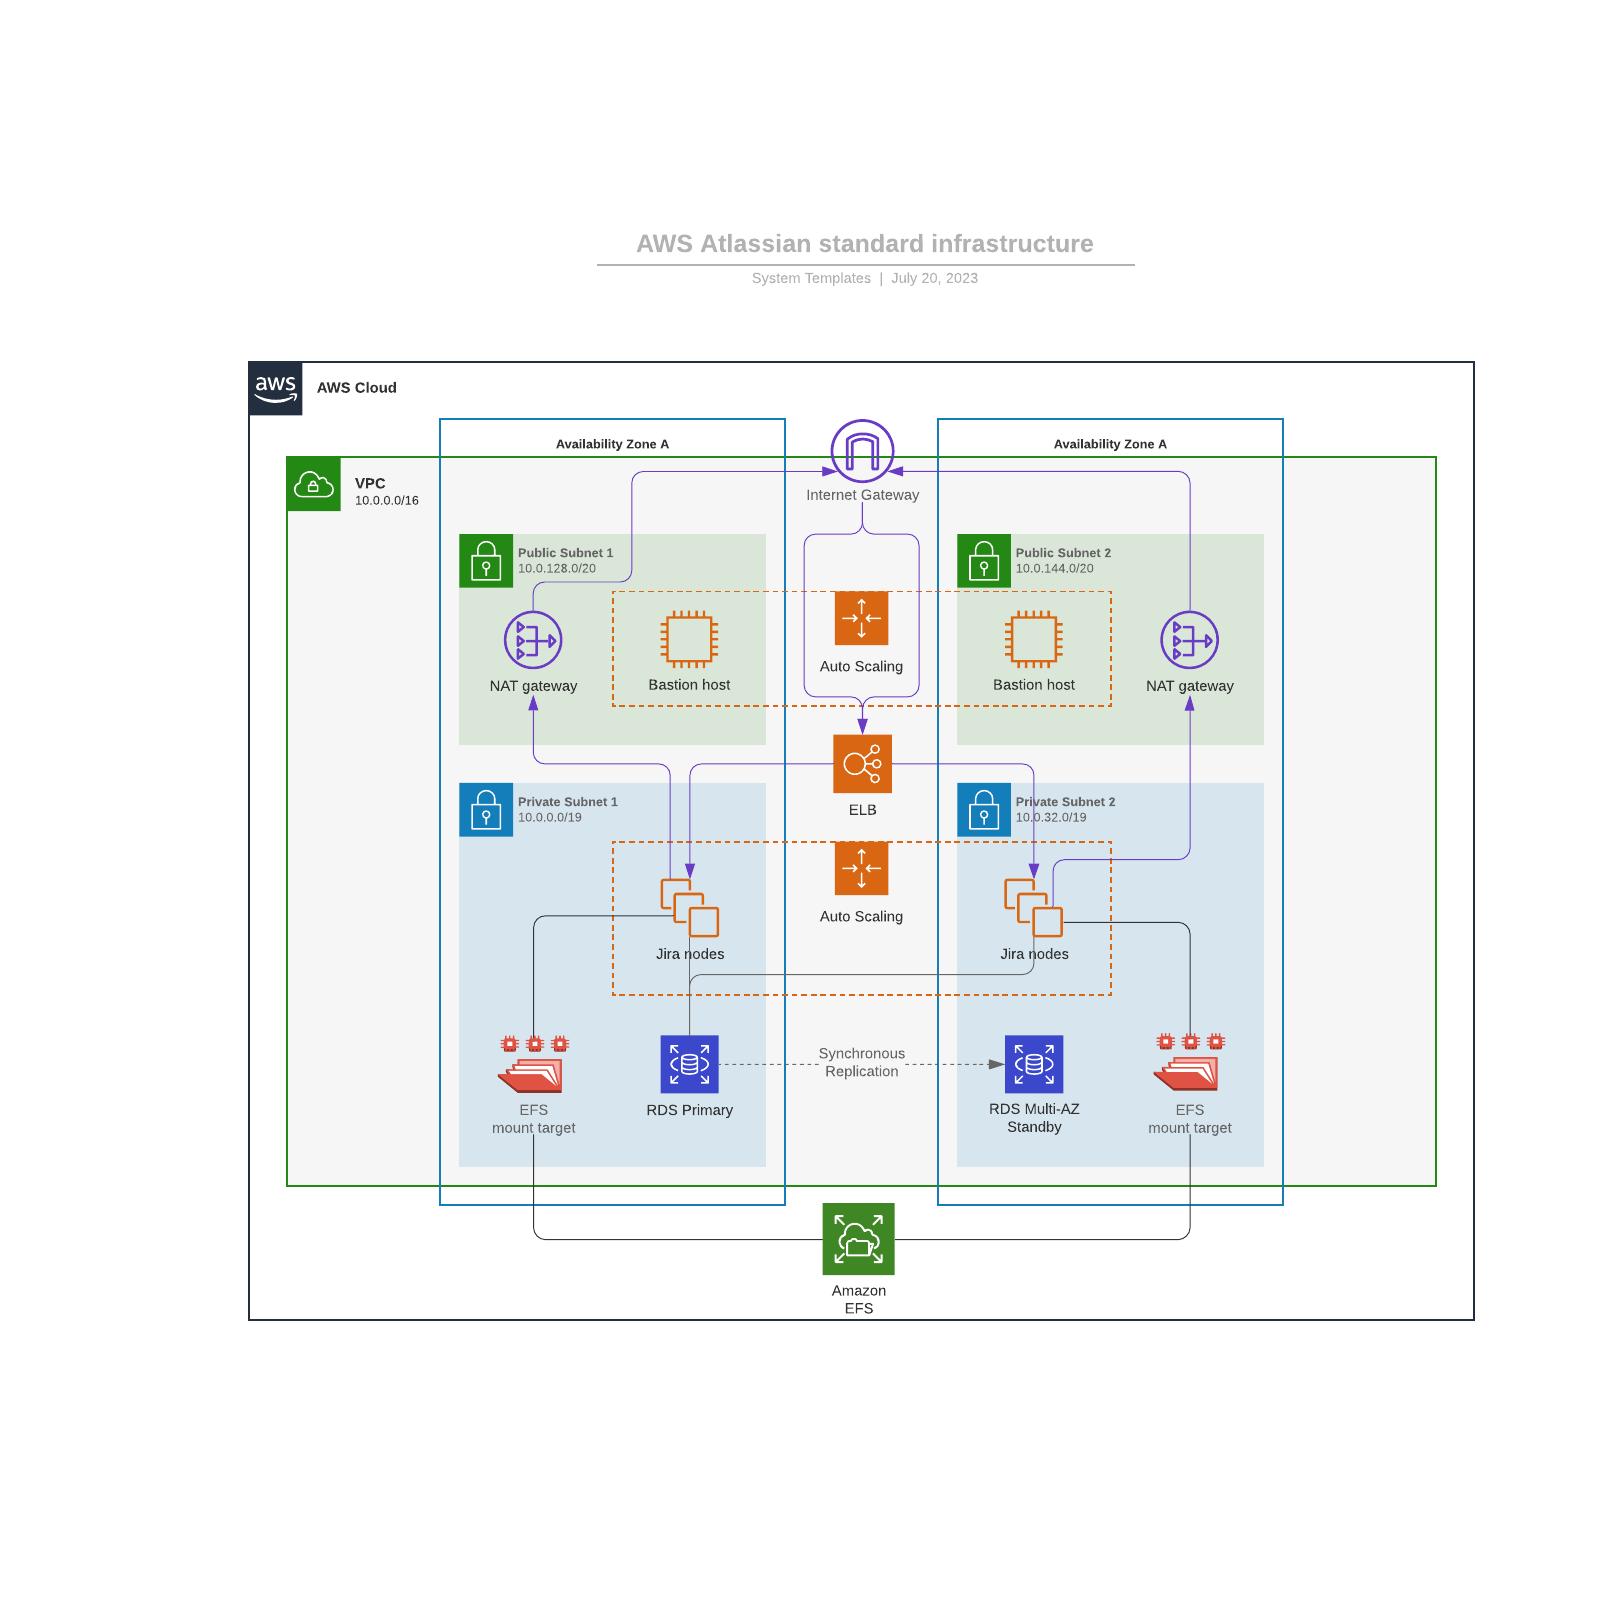 AWS Atlassian standard infrastructure